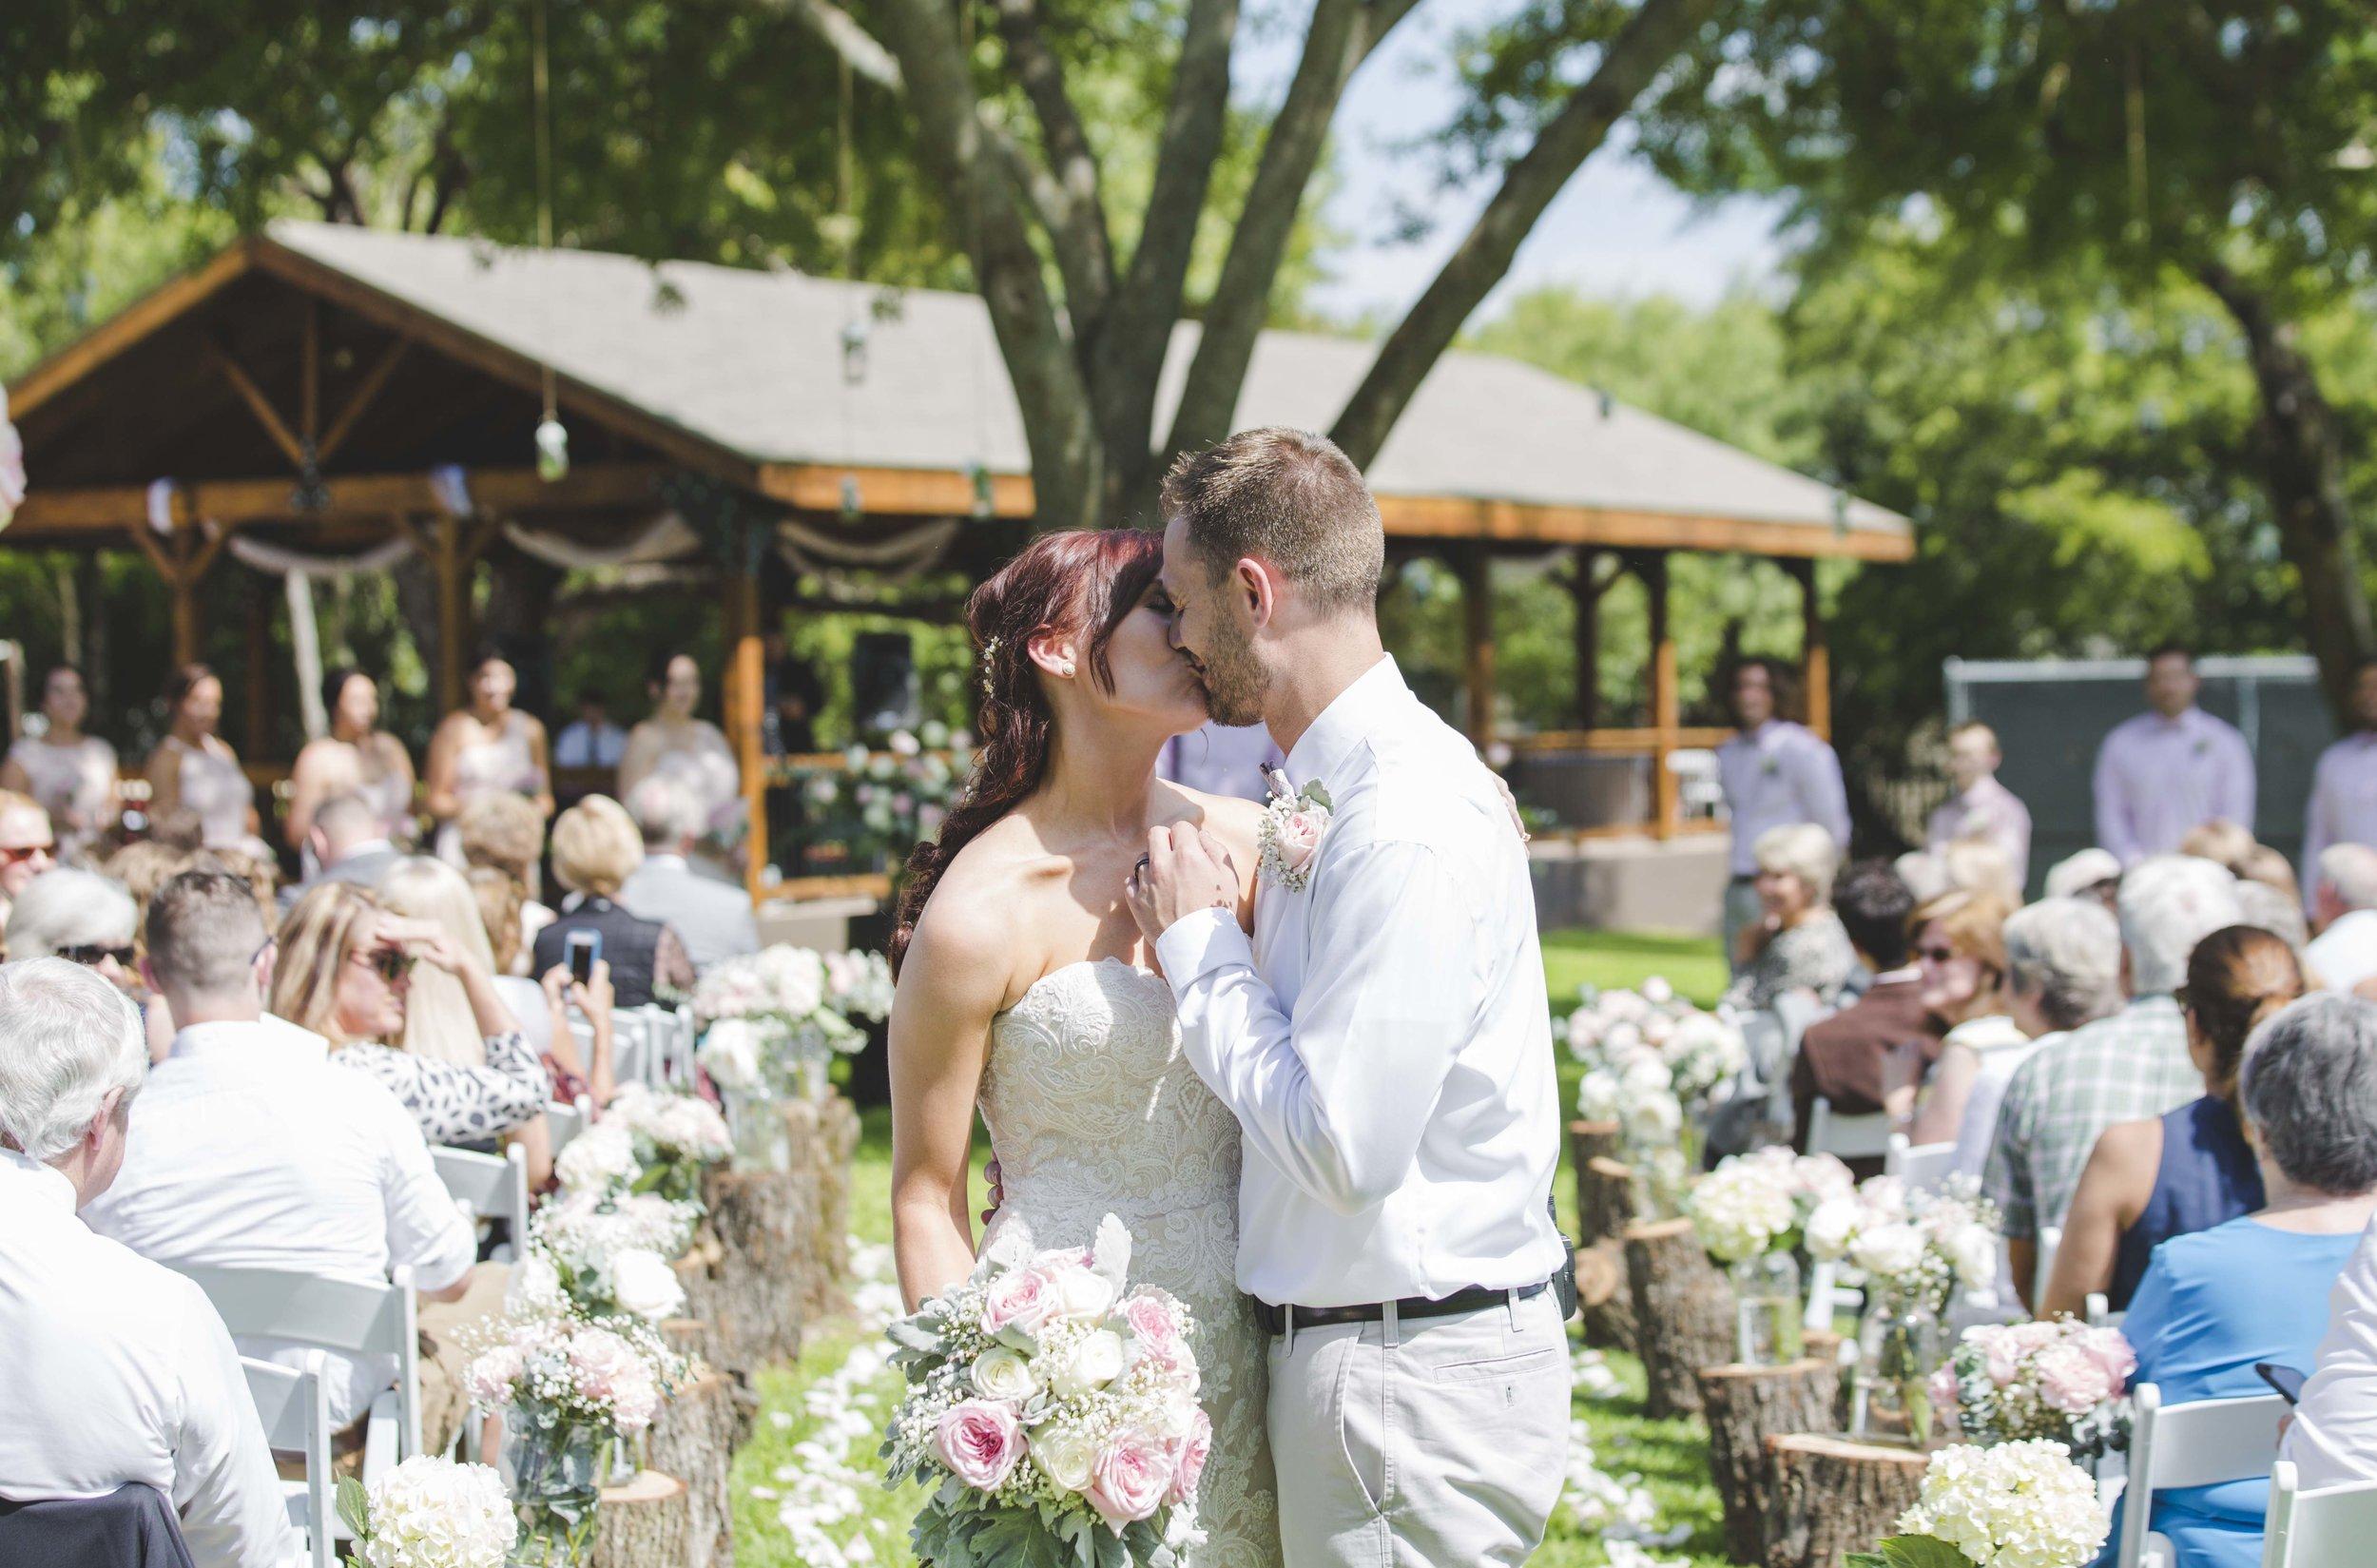 ATGI_Susanna & Matt Wedding_717A7880.jpg